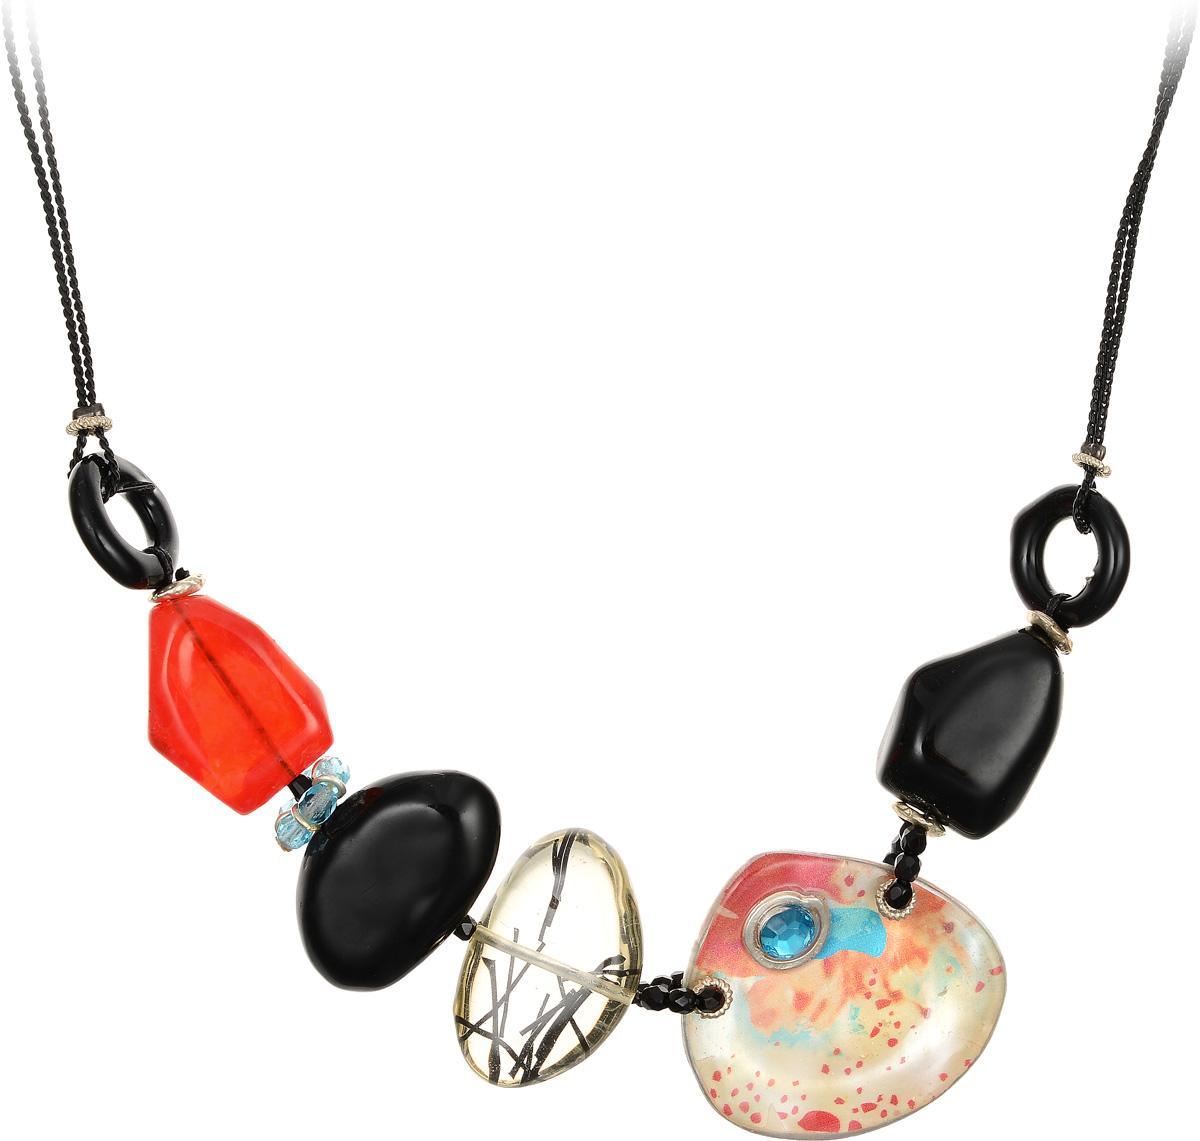 Кулон Lalo Treasures, цвет: черный, оранжевый. P4509-2Брошь-инталияЯркий дизайнерский кулон Lalo Treasures станет отличным дополнением к вашему стилю. Кулон изготовлен из качественной ювелирной смолы и металлического сплава. Декоративная часть кулона выполнена в виде фигурок камней разной формы и цвета, соединенных между собой пластиковой веревкой, украшенной бусинками. Кулон застегивается на замок-карабин, а длина регулируется с помощью звеньев.. Интересный дизайн кулона подчеркнет ваш образ и позволит вам быть оригинальной и изящной.